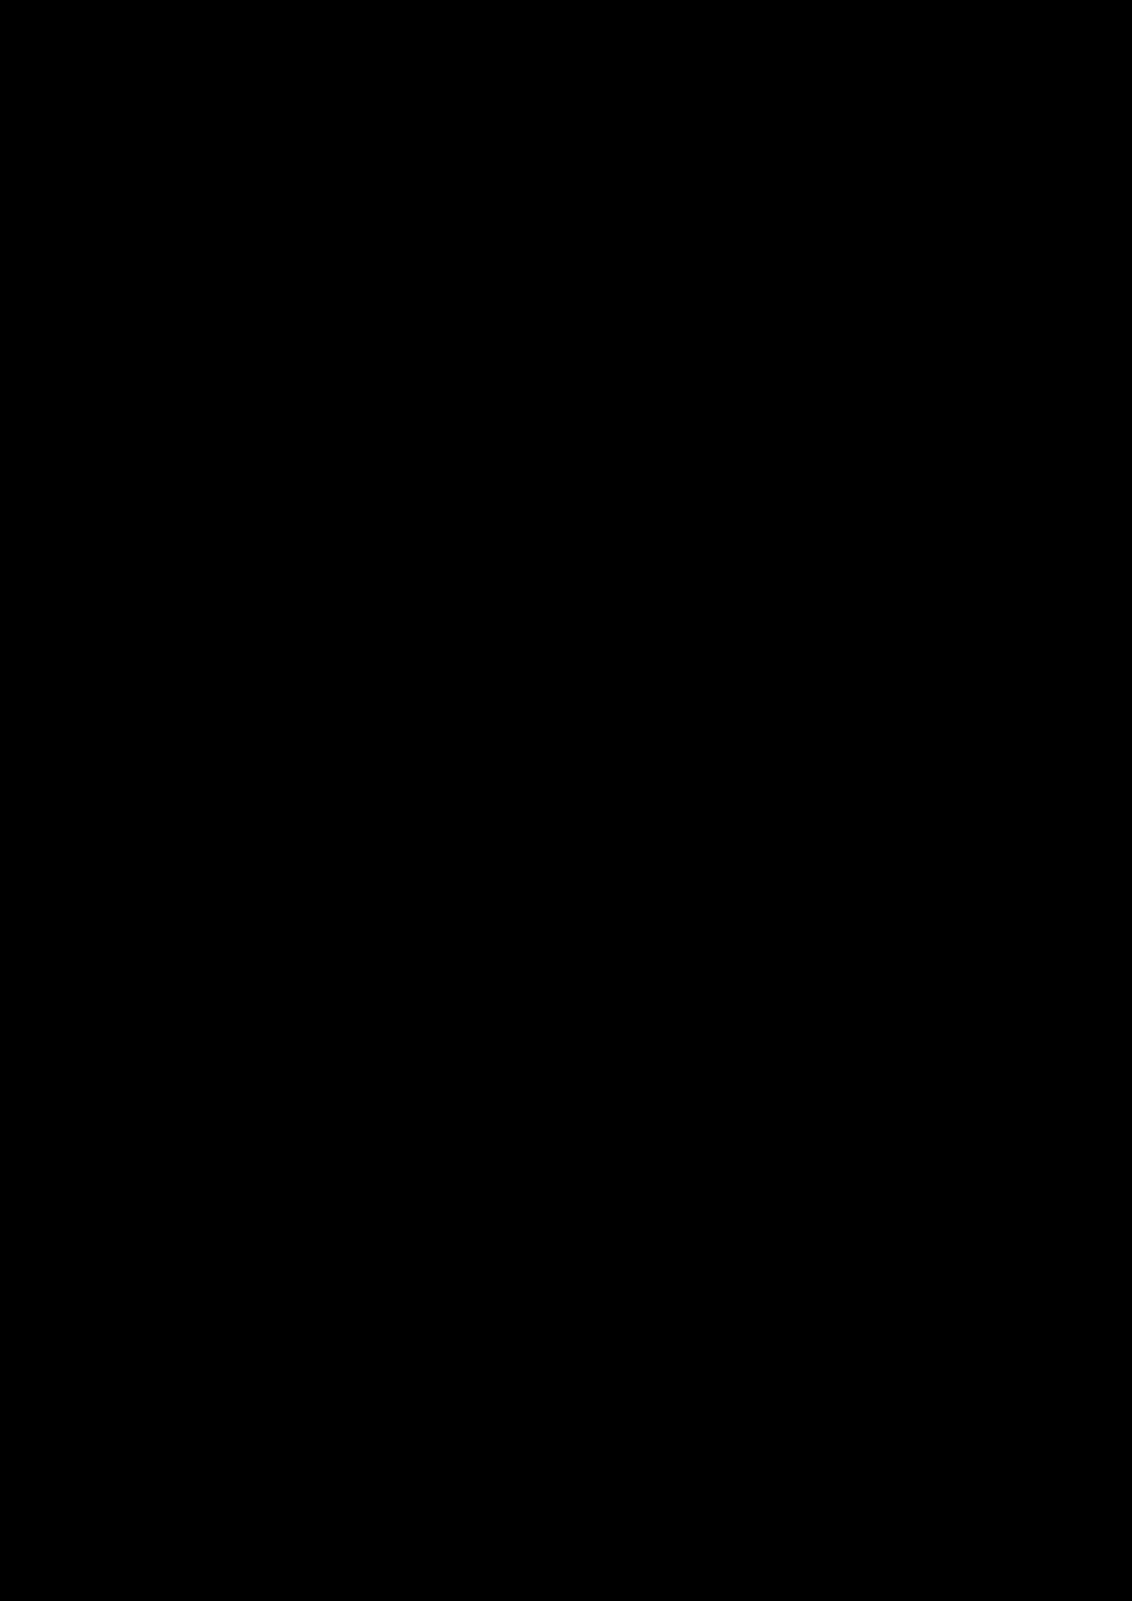 Vyibor Est slide, Image 27